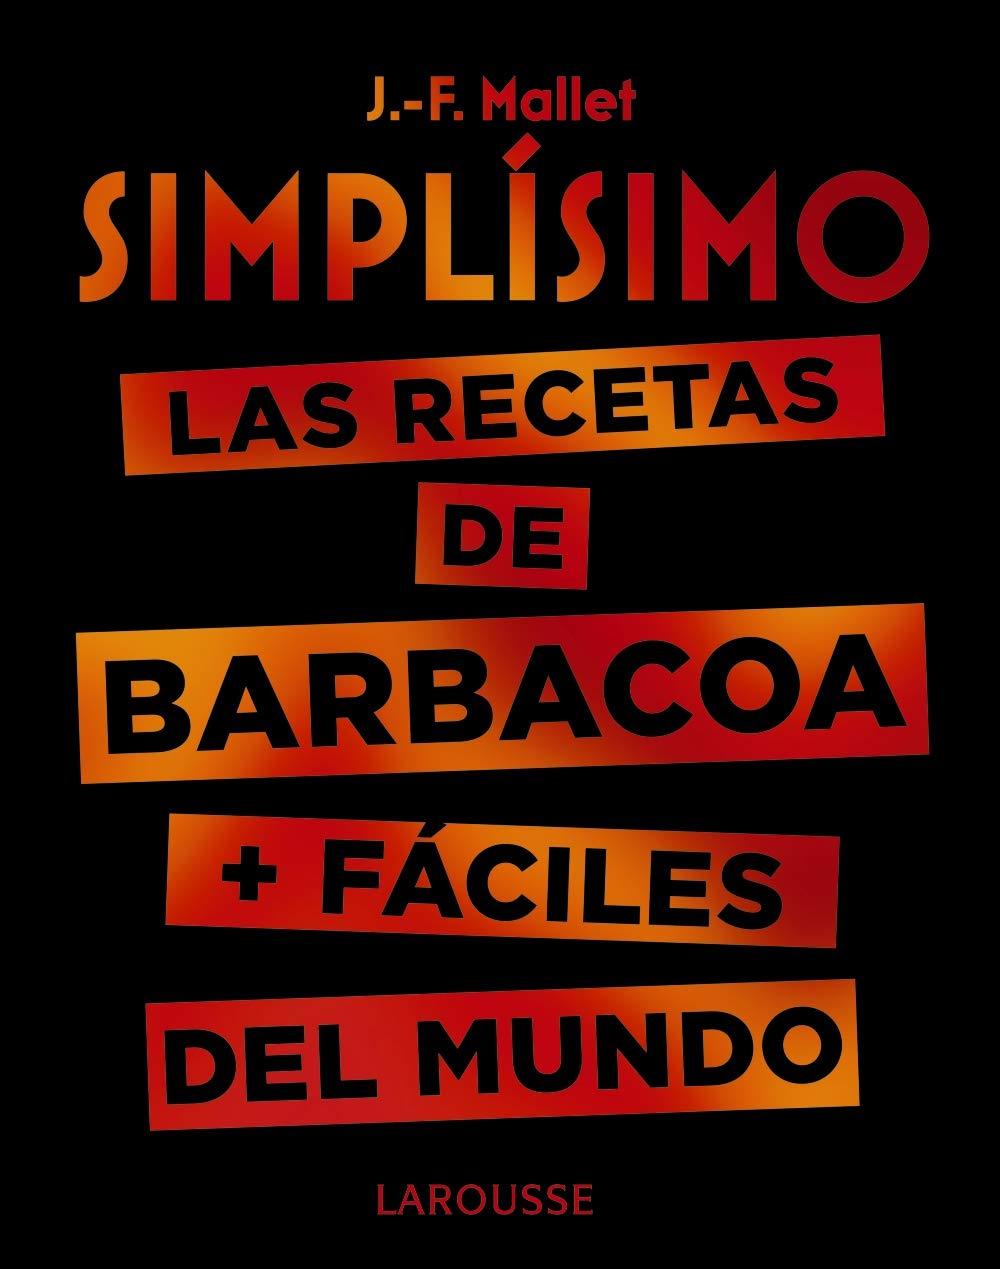 Simplísimo. Las recetas de barbacoa + fáciles del mundo ...